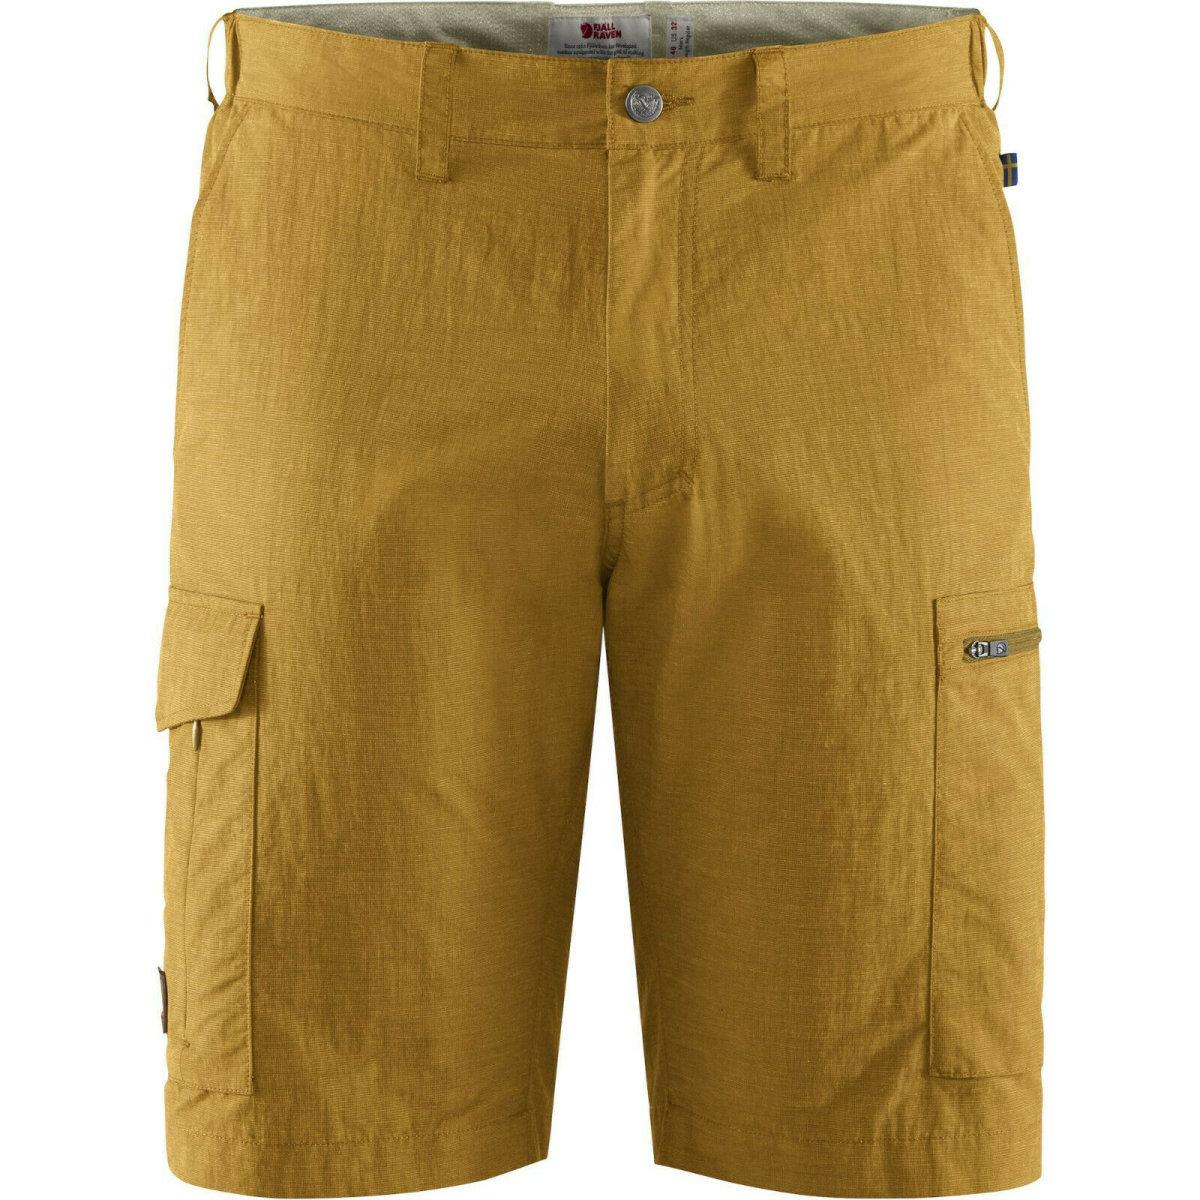 Fjällräven Travellers MT Shorts 84756 ochre MT-Eco Shorts Wanderhose Reisehose